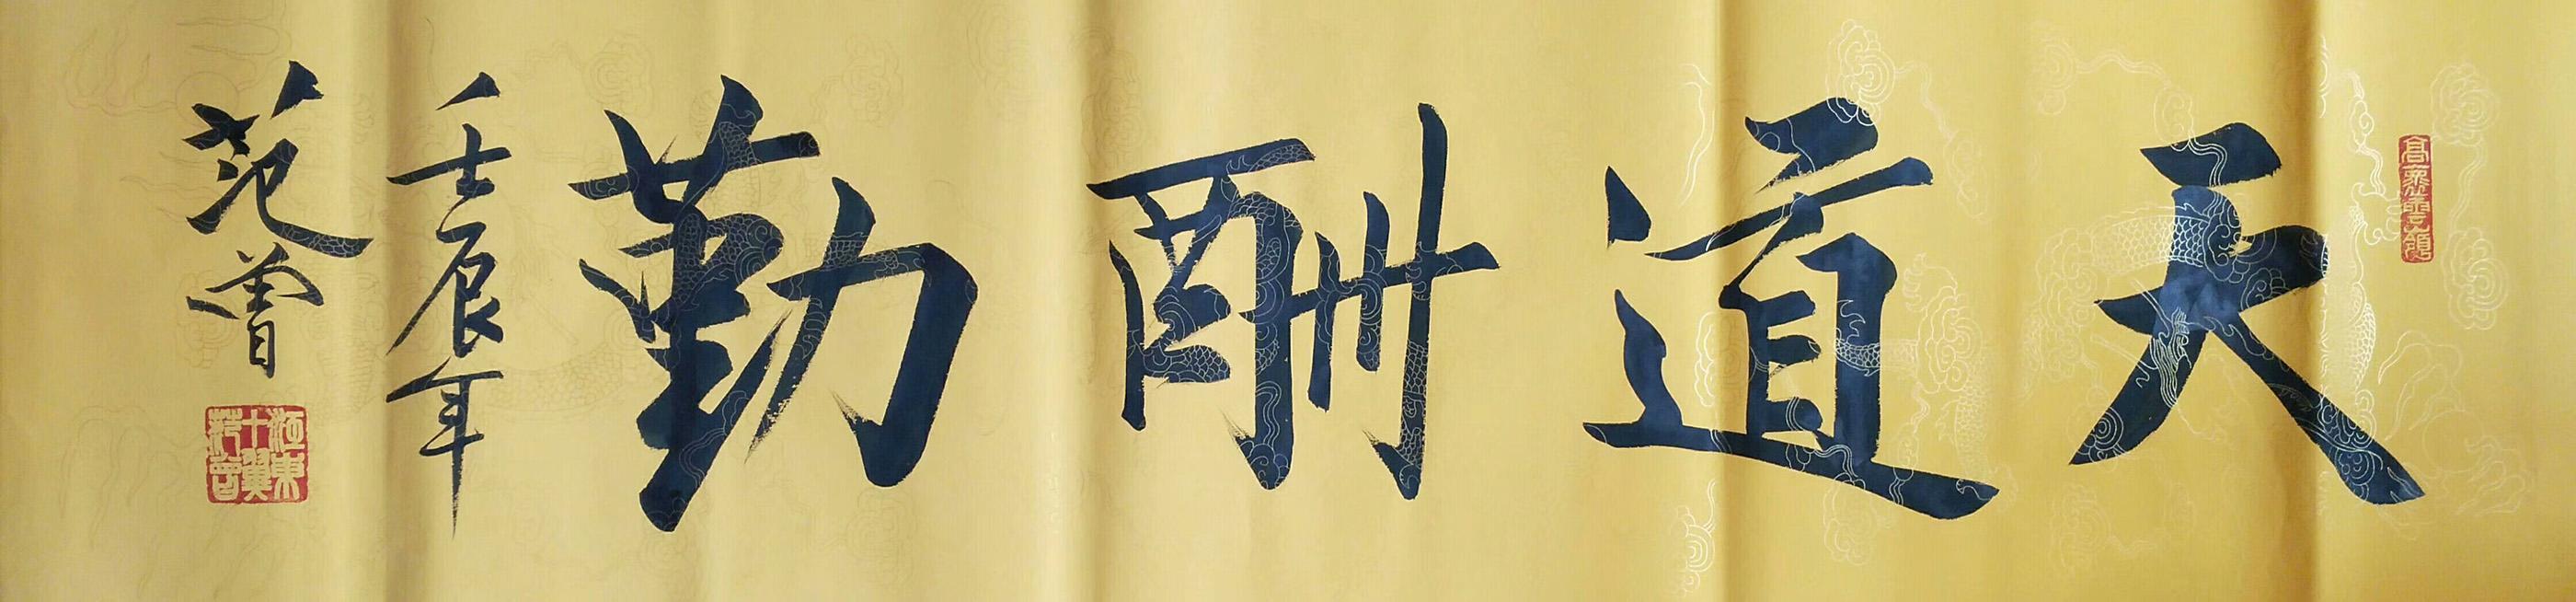 天道酬勤字画书法真迹客厅装饰画办公室挂画励志壁画牌匾范增书画